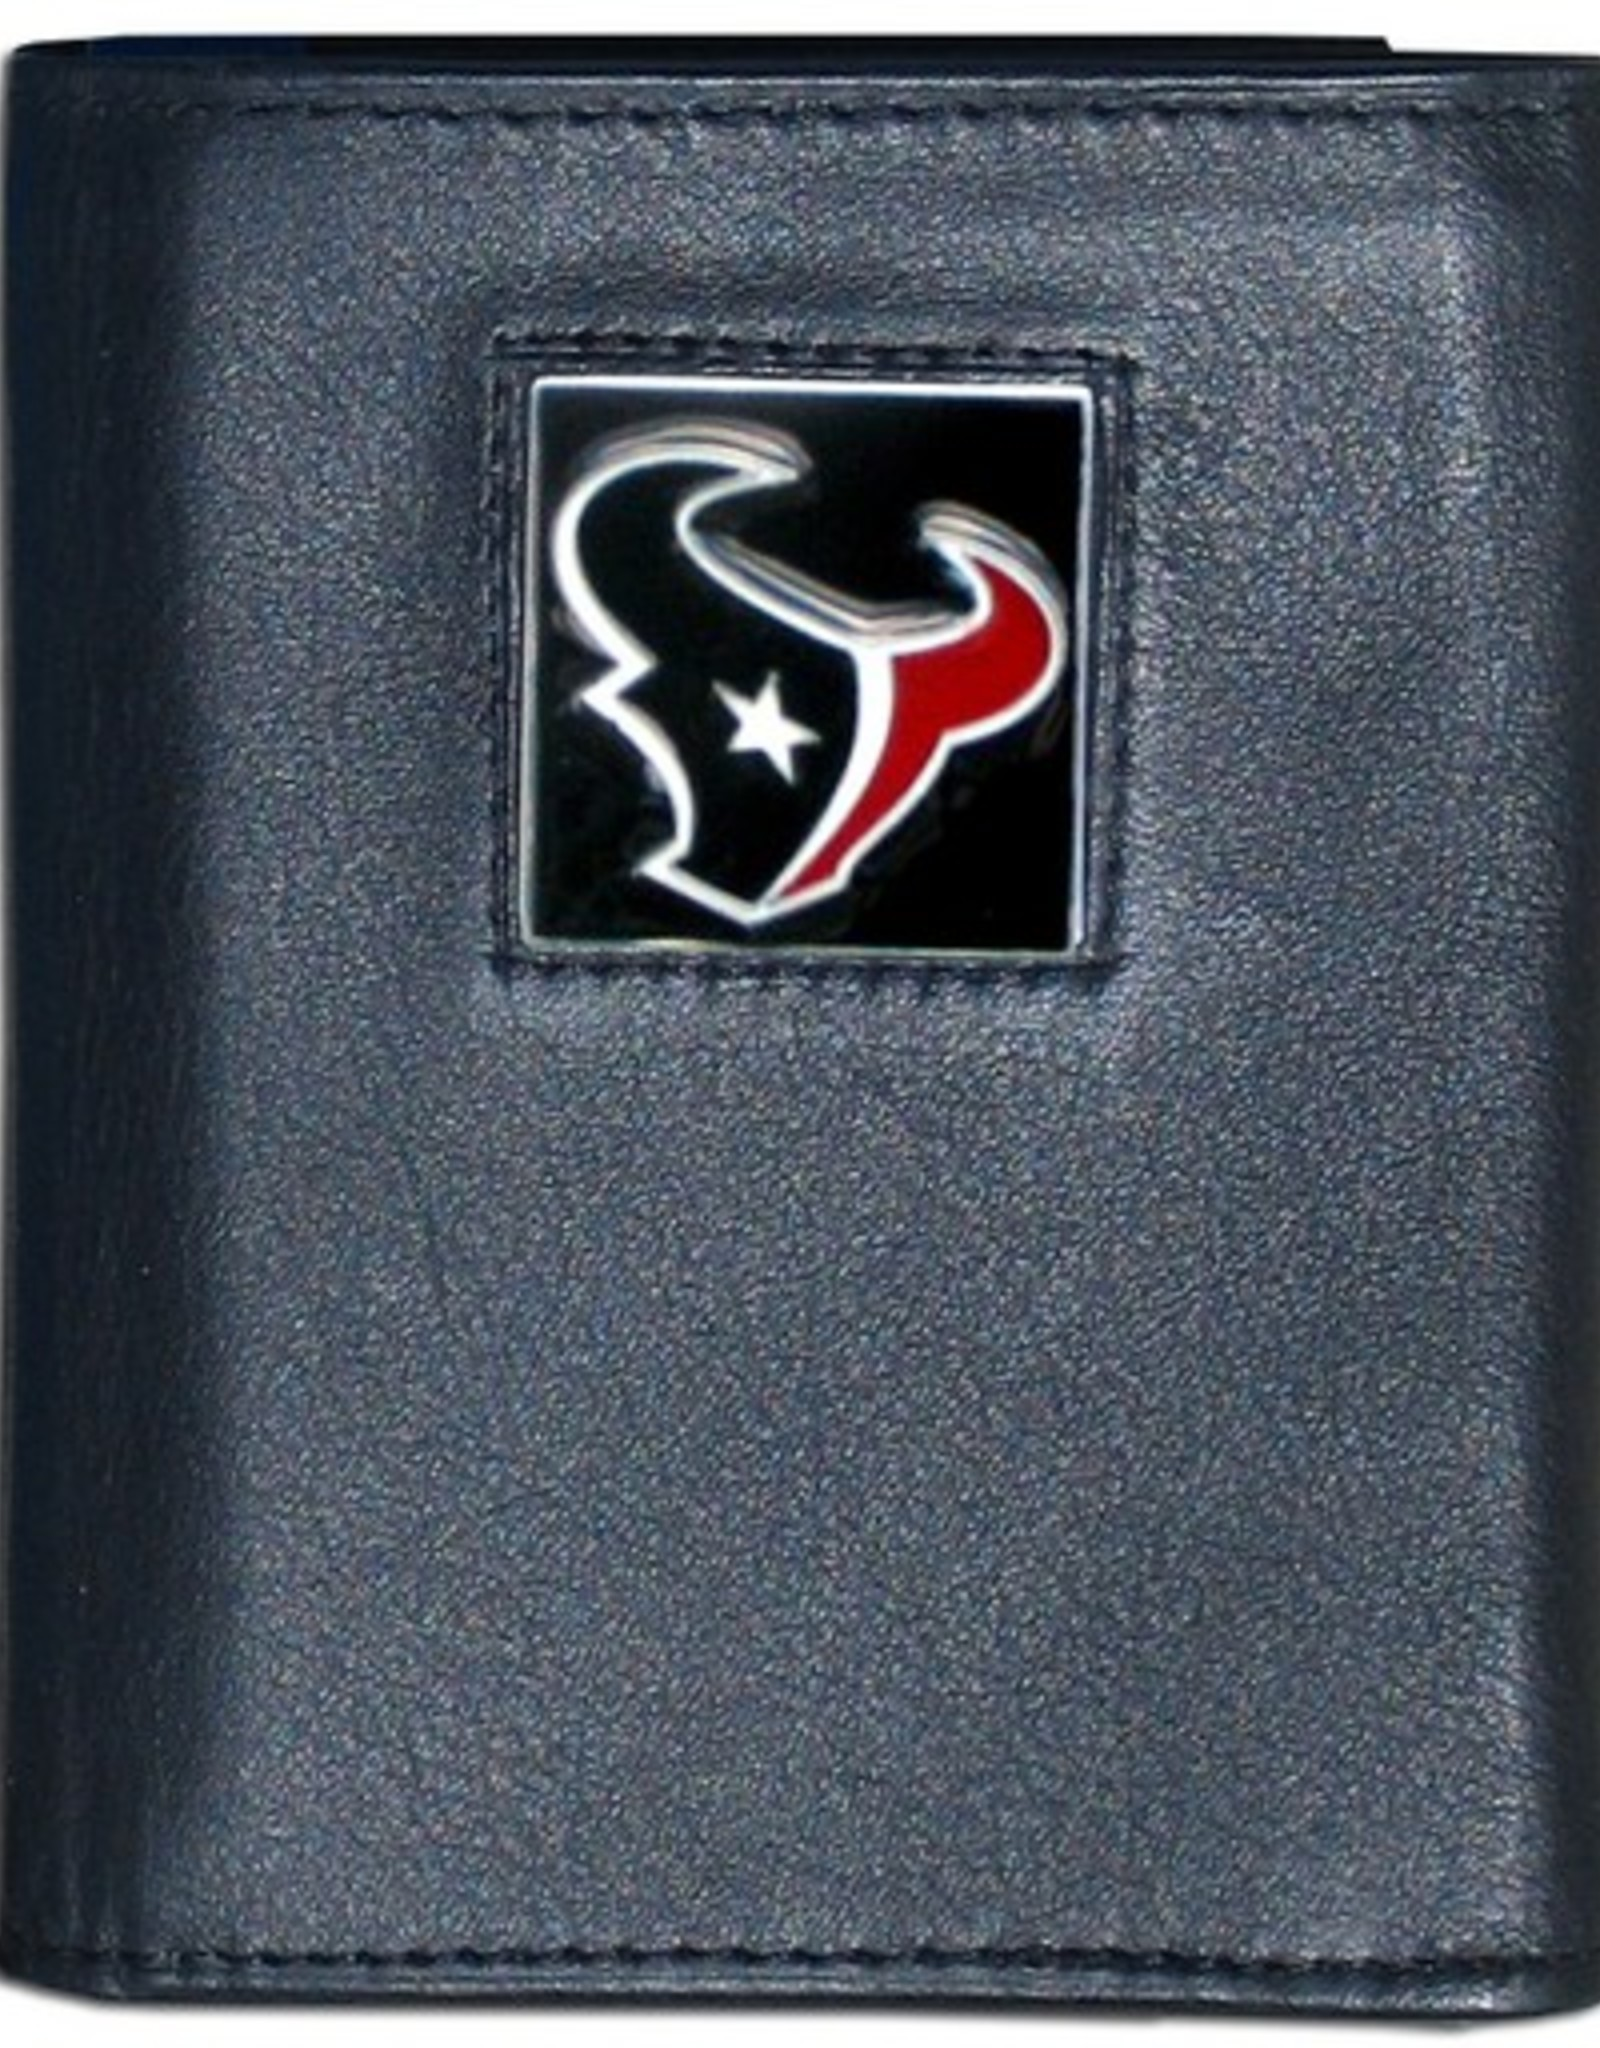 Houston Texans Executive Black Leather Trifold Wallet